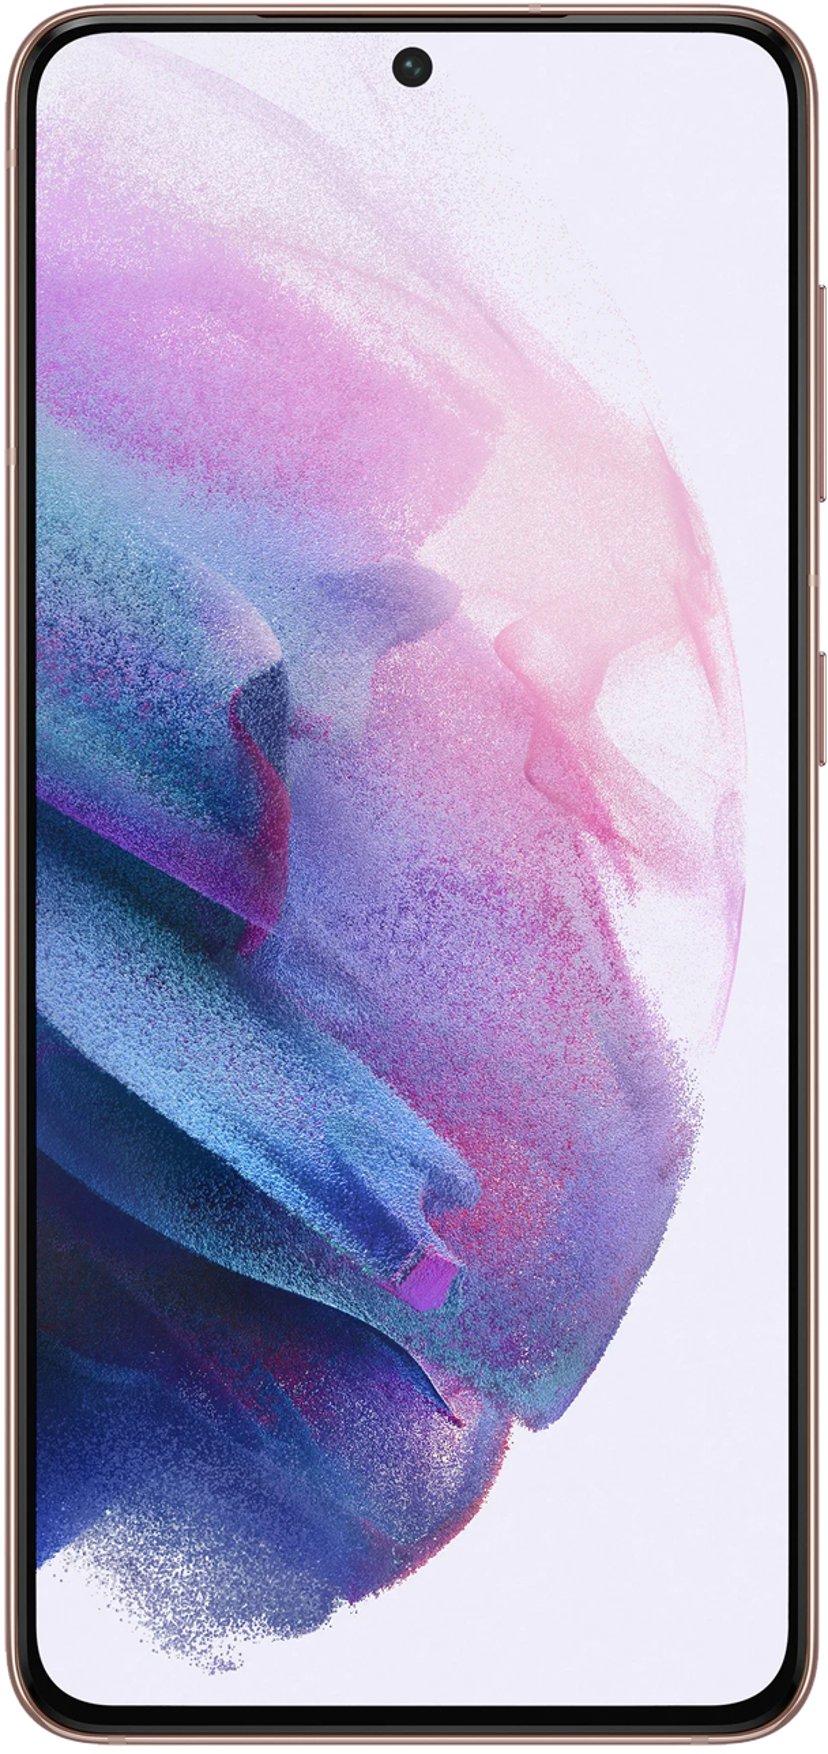 Samsung Galaxy S21 5G 256GB Dual-SIM Fantomrosa